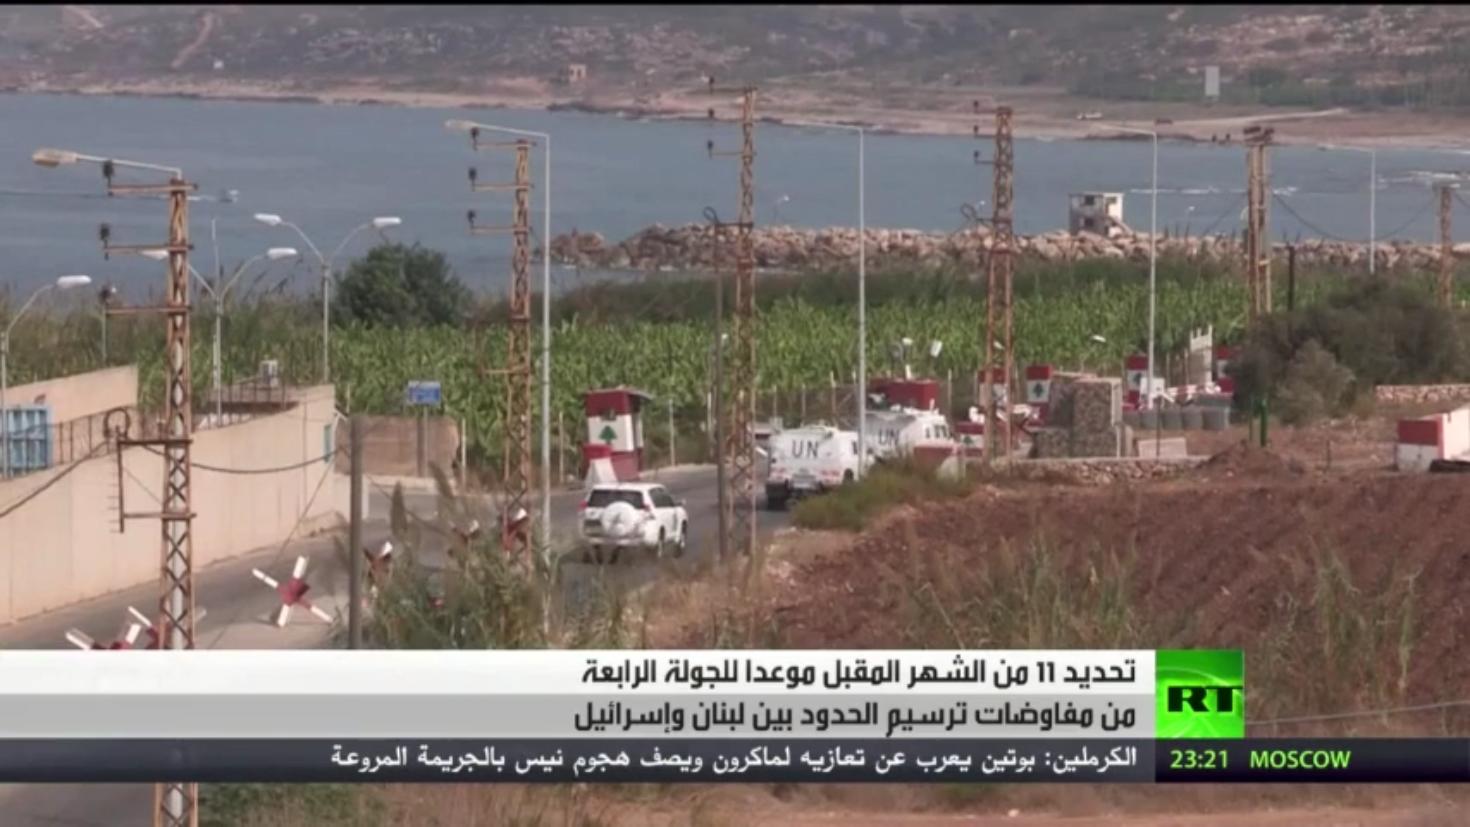 الجولة الثالثة من ترسيم الحدود بين لبنان وإسرائيل